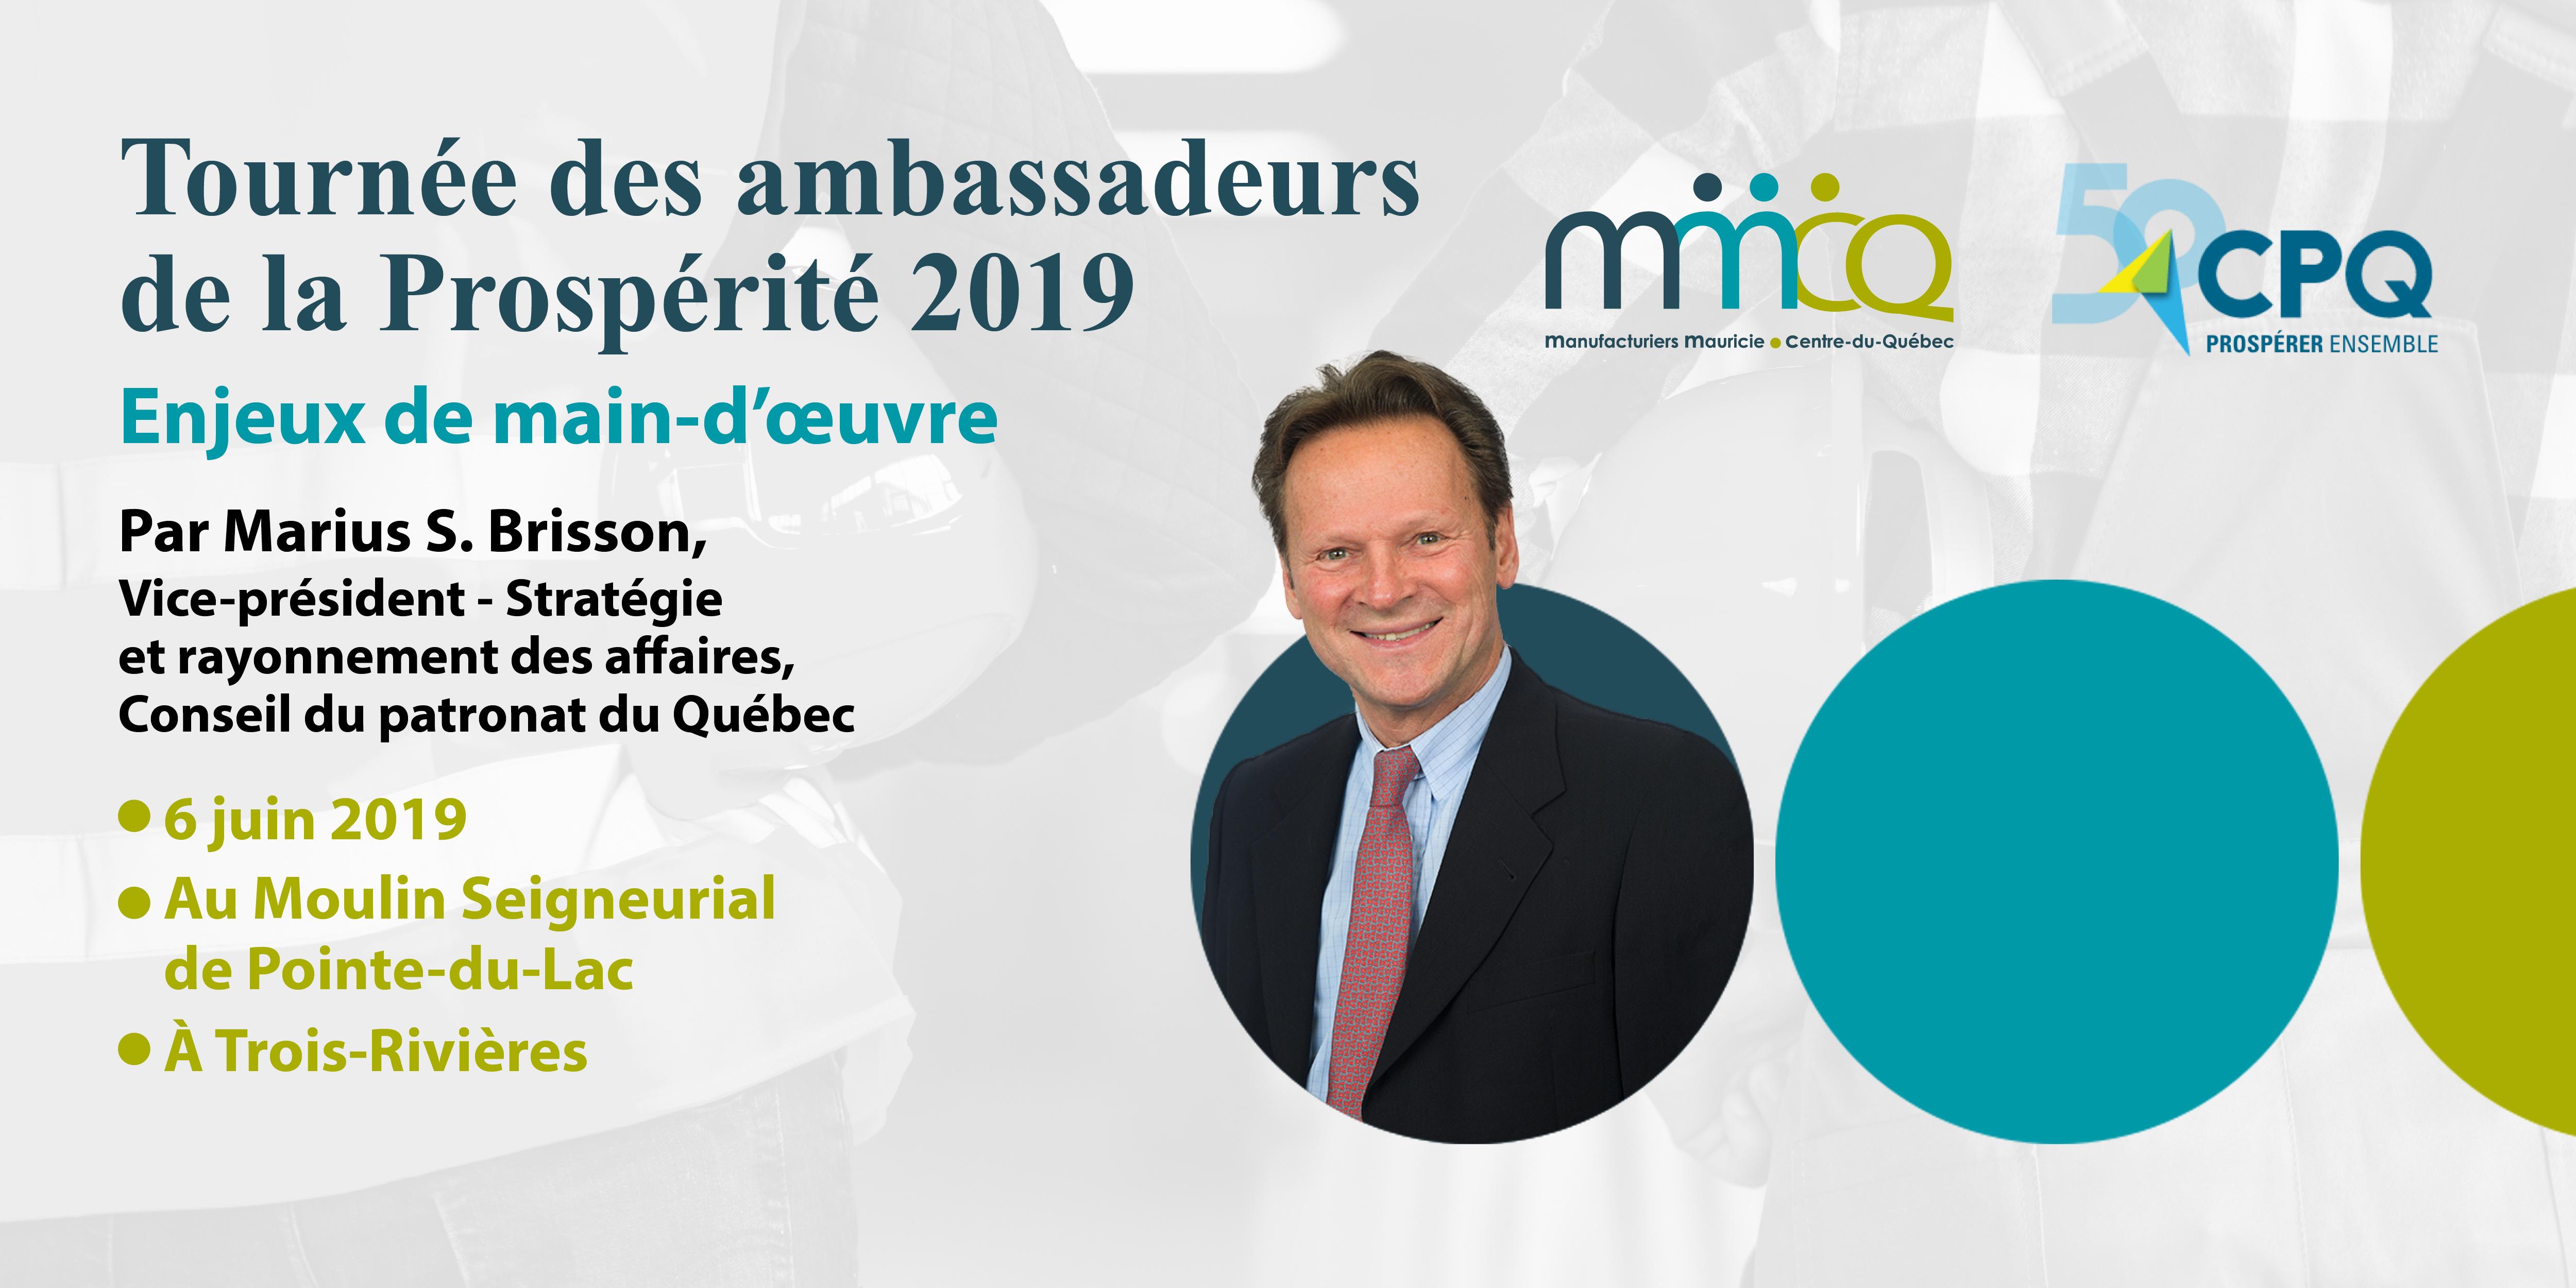 Tournée des ambassadeurs de la Prospérité 2019